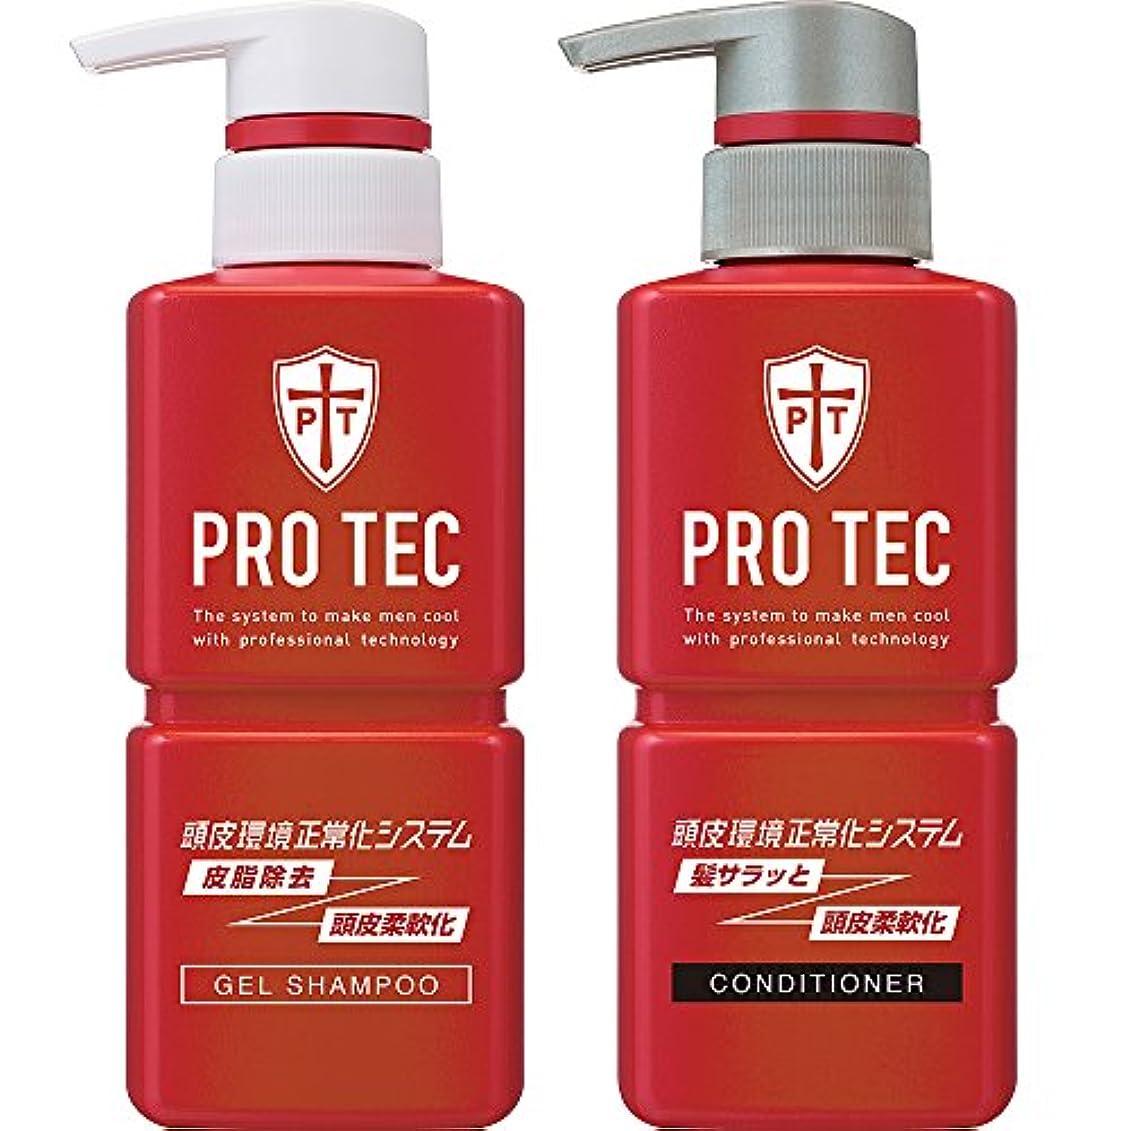 放棄中古引き受けるPRO TEC(プロテク) 頭皮ストレッチ シャンプー ポンプ 300g(医薬部外品)+ コンディショナー ポンプ 300g